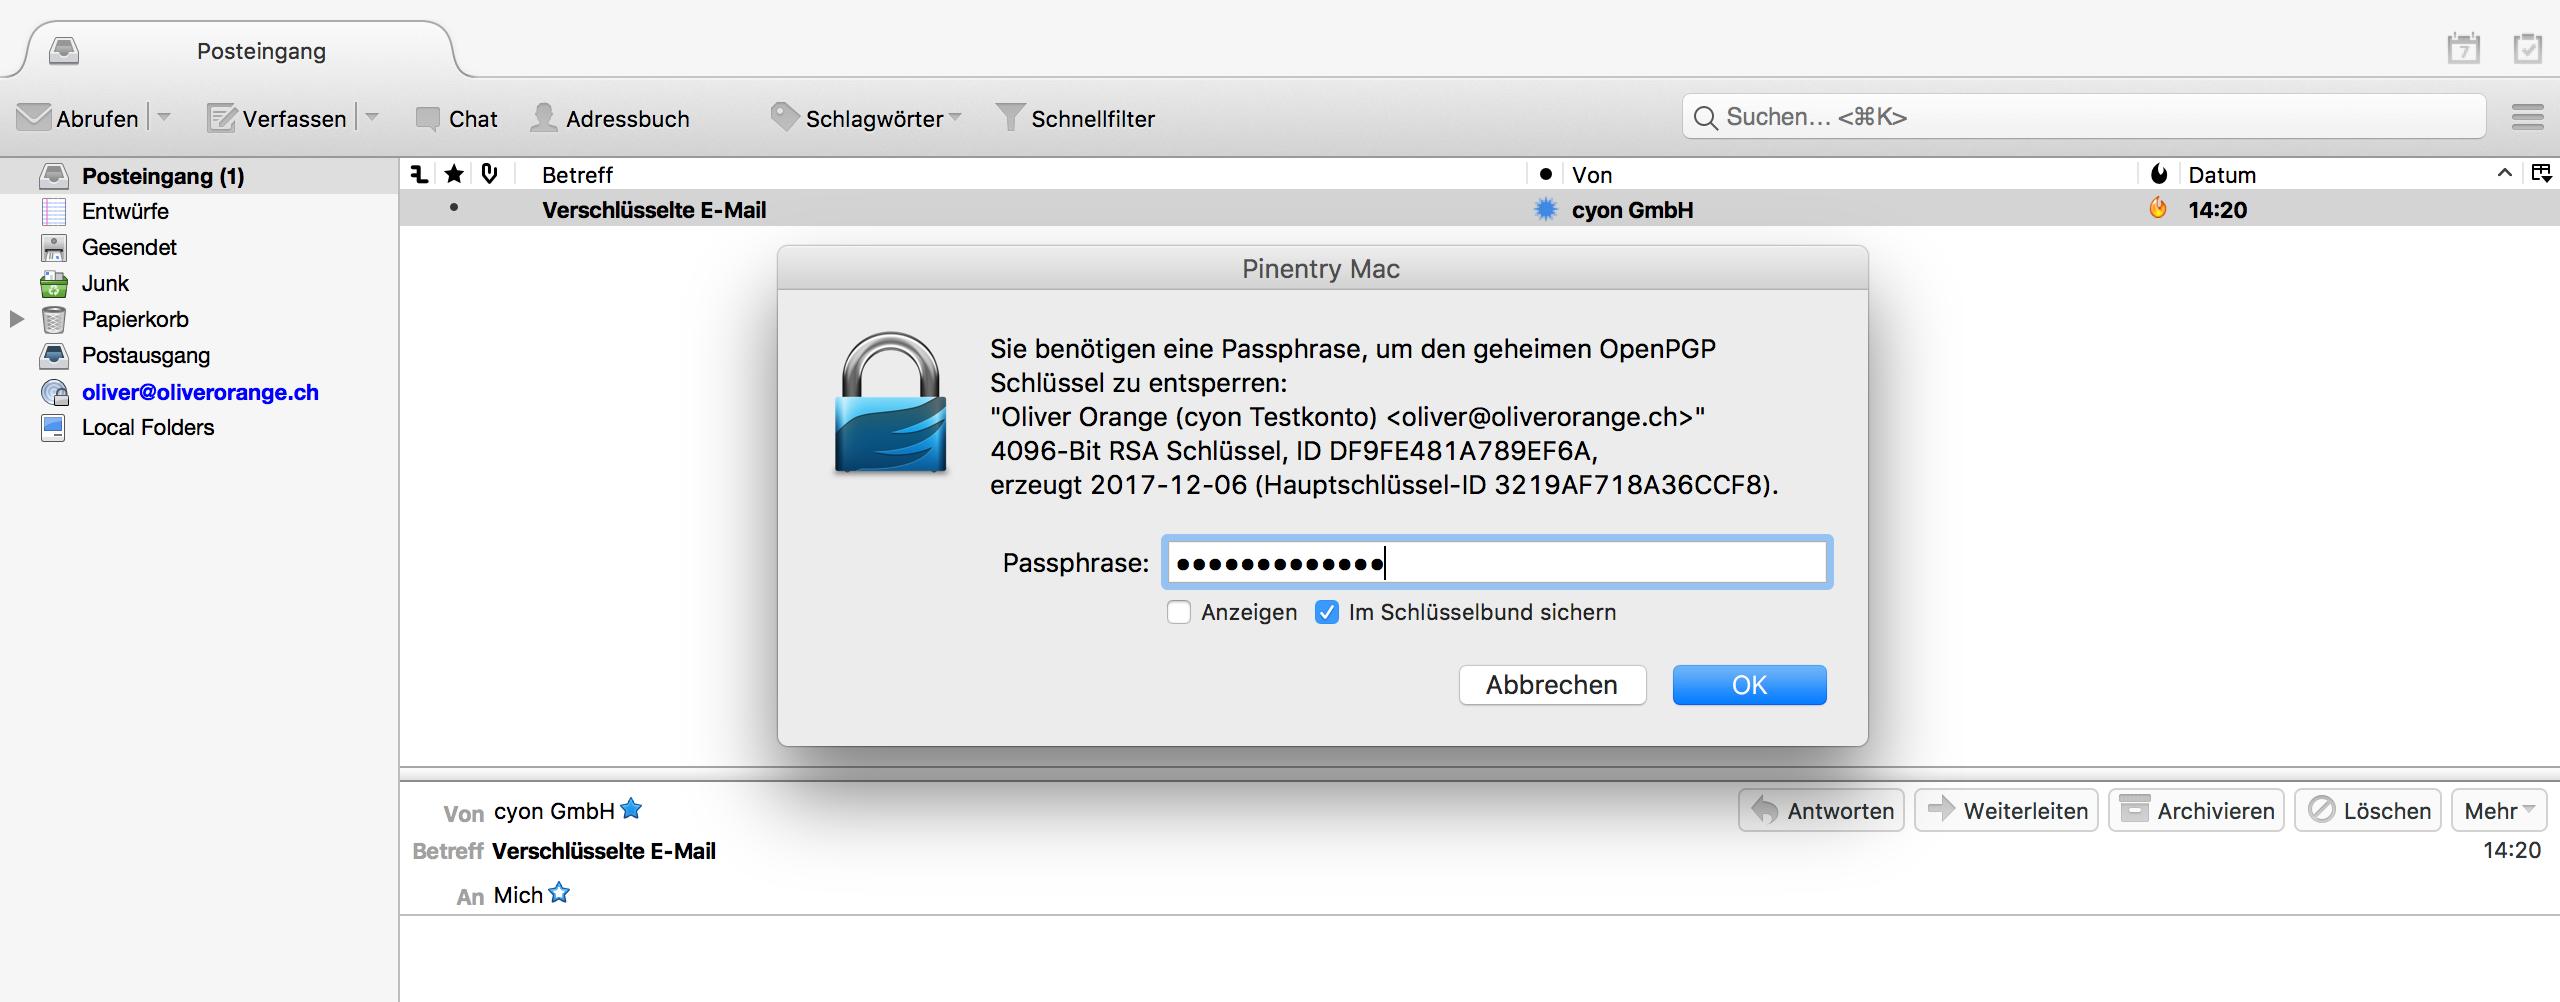 Passphrase für PGP-Schlüssel eingeben